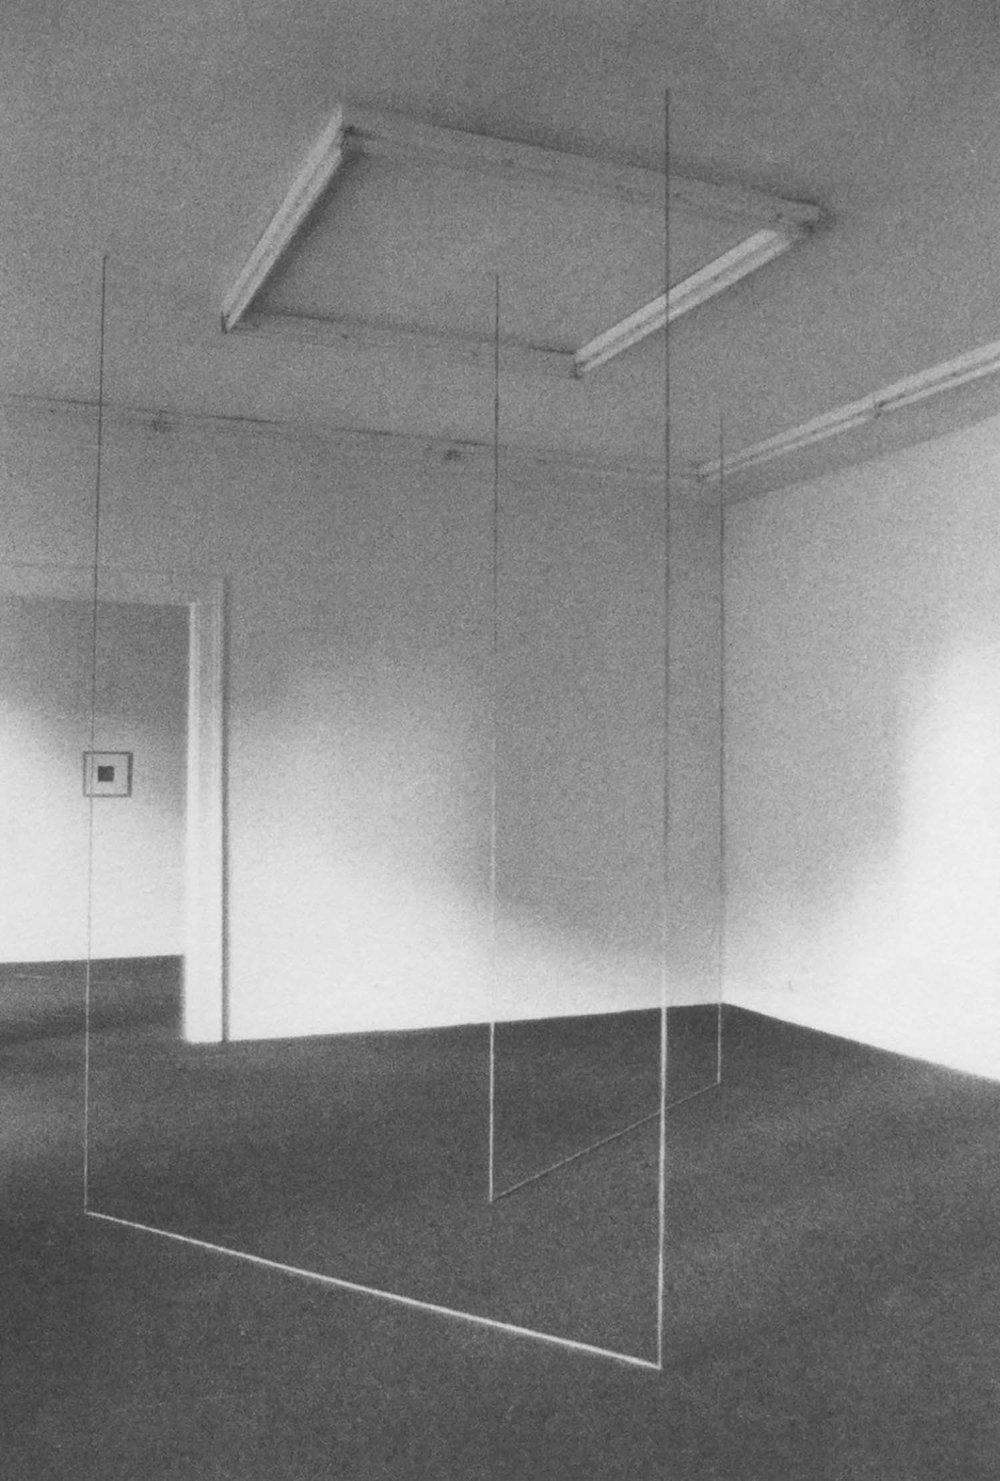 Galerie Heiner Friedrich, Munich